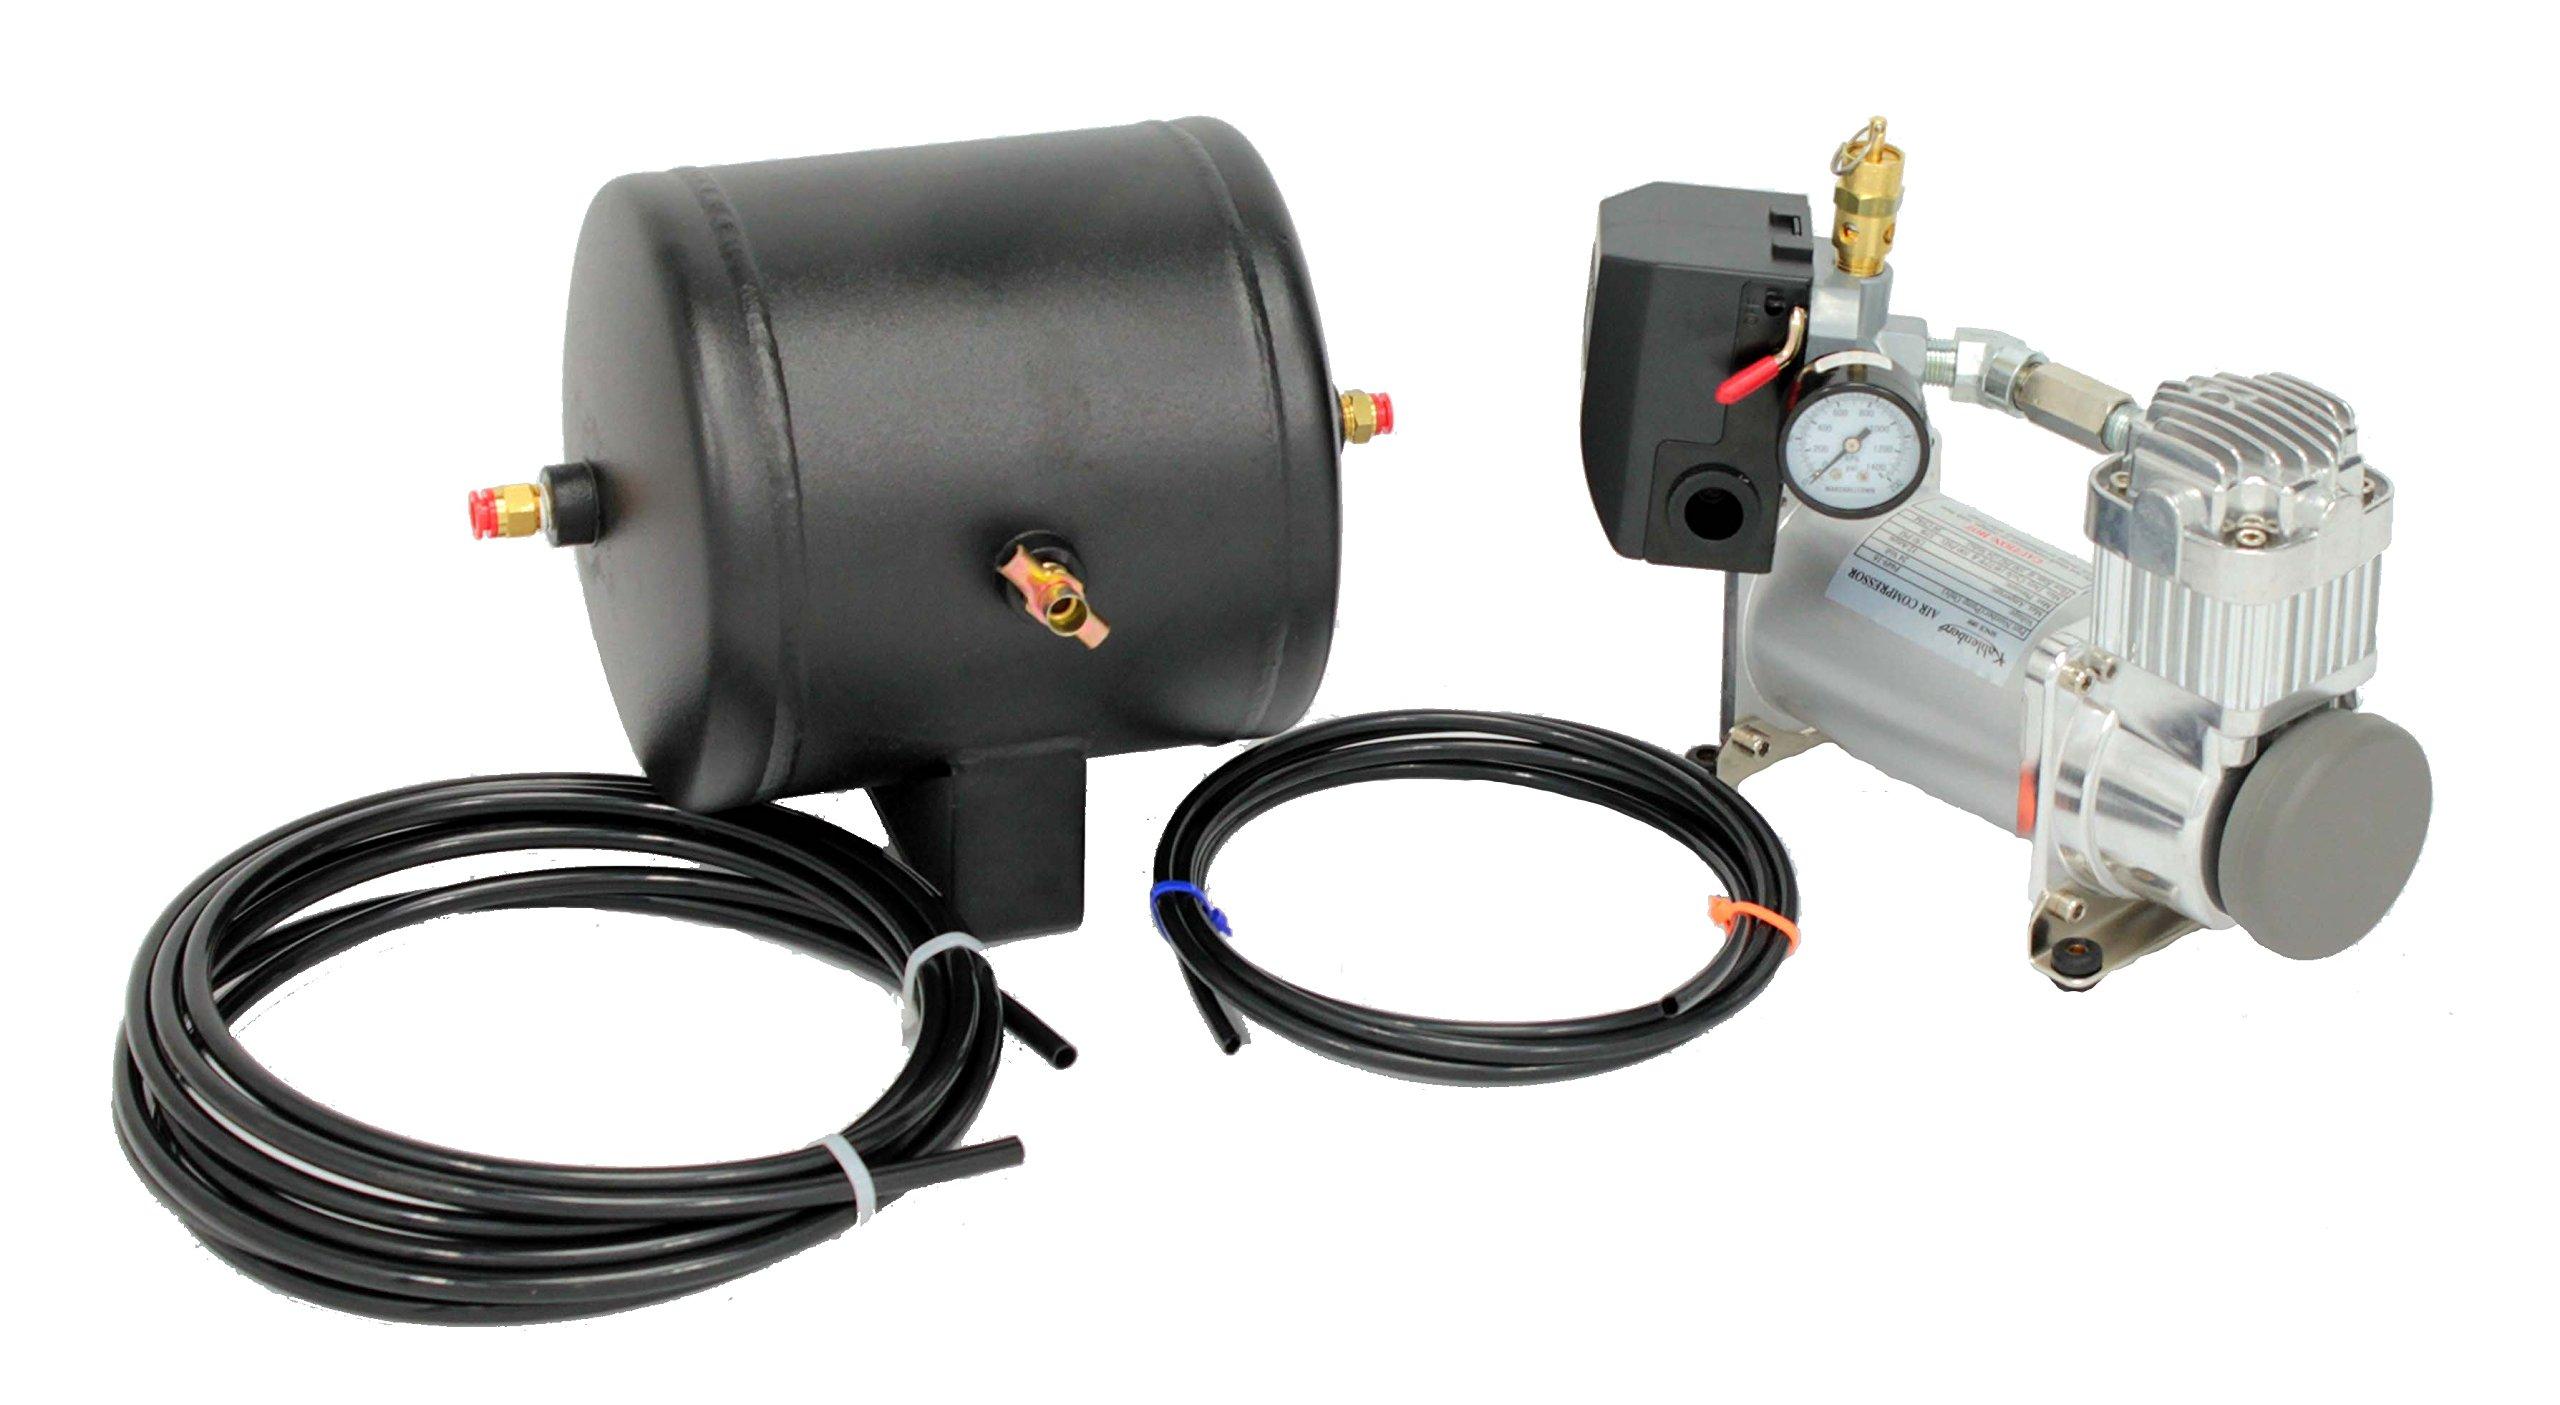 P449-17 Air Compressor Kit, 12 Volt D.C.